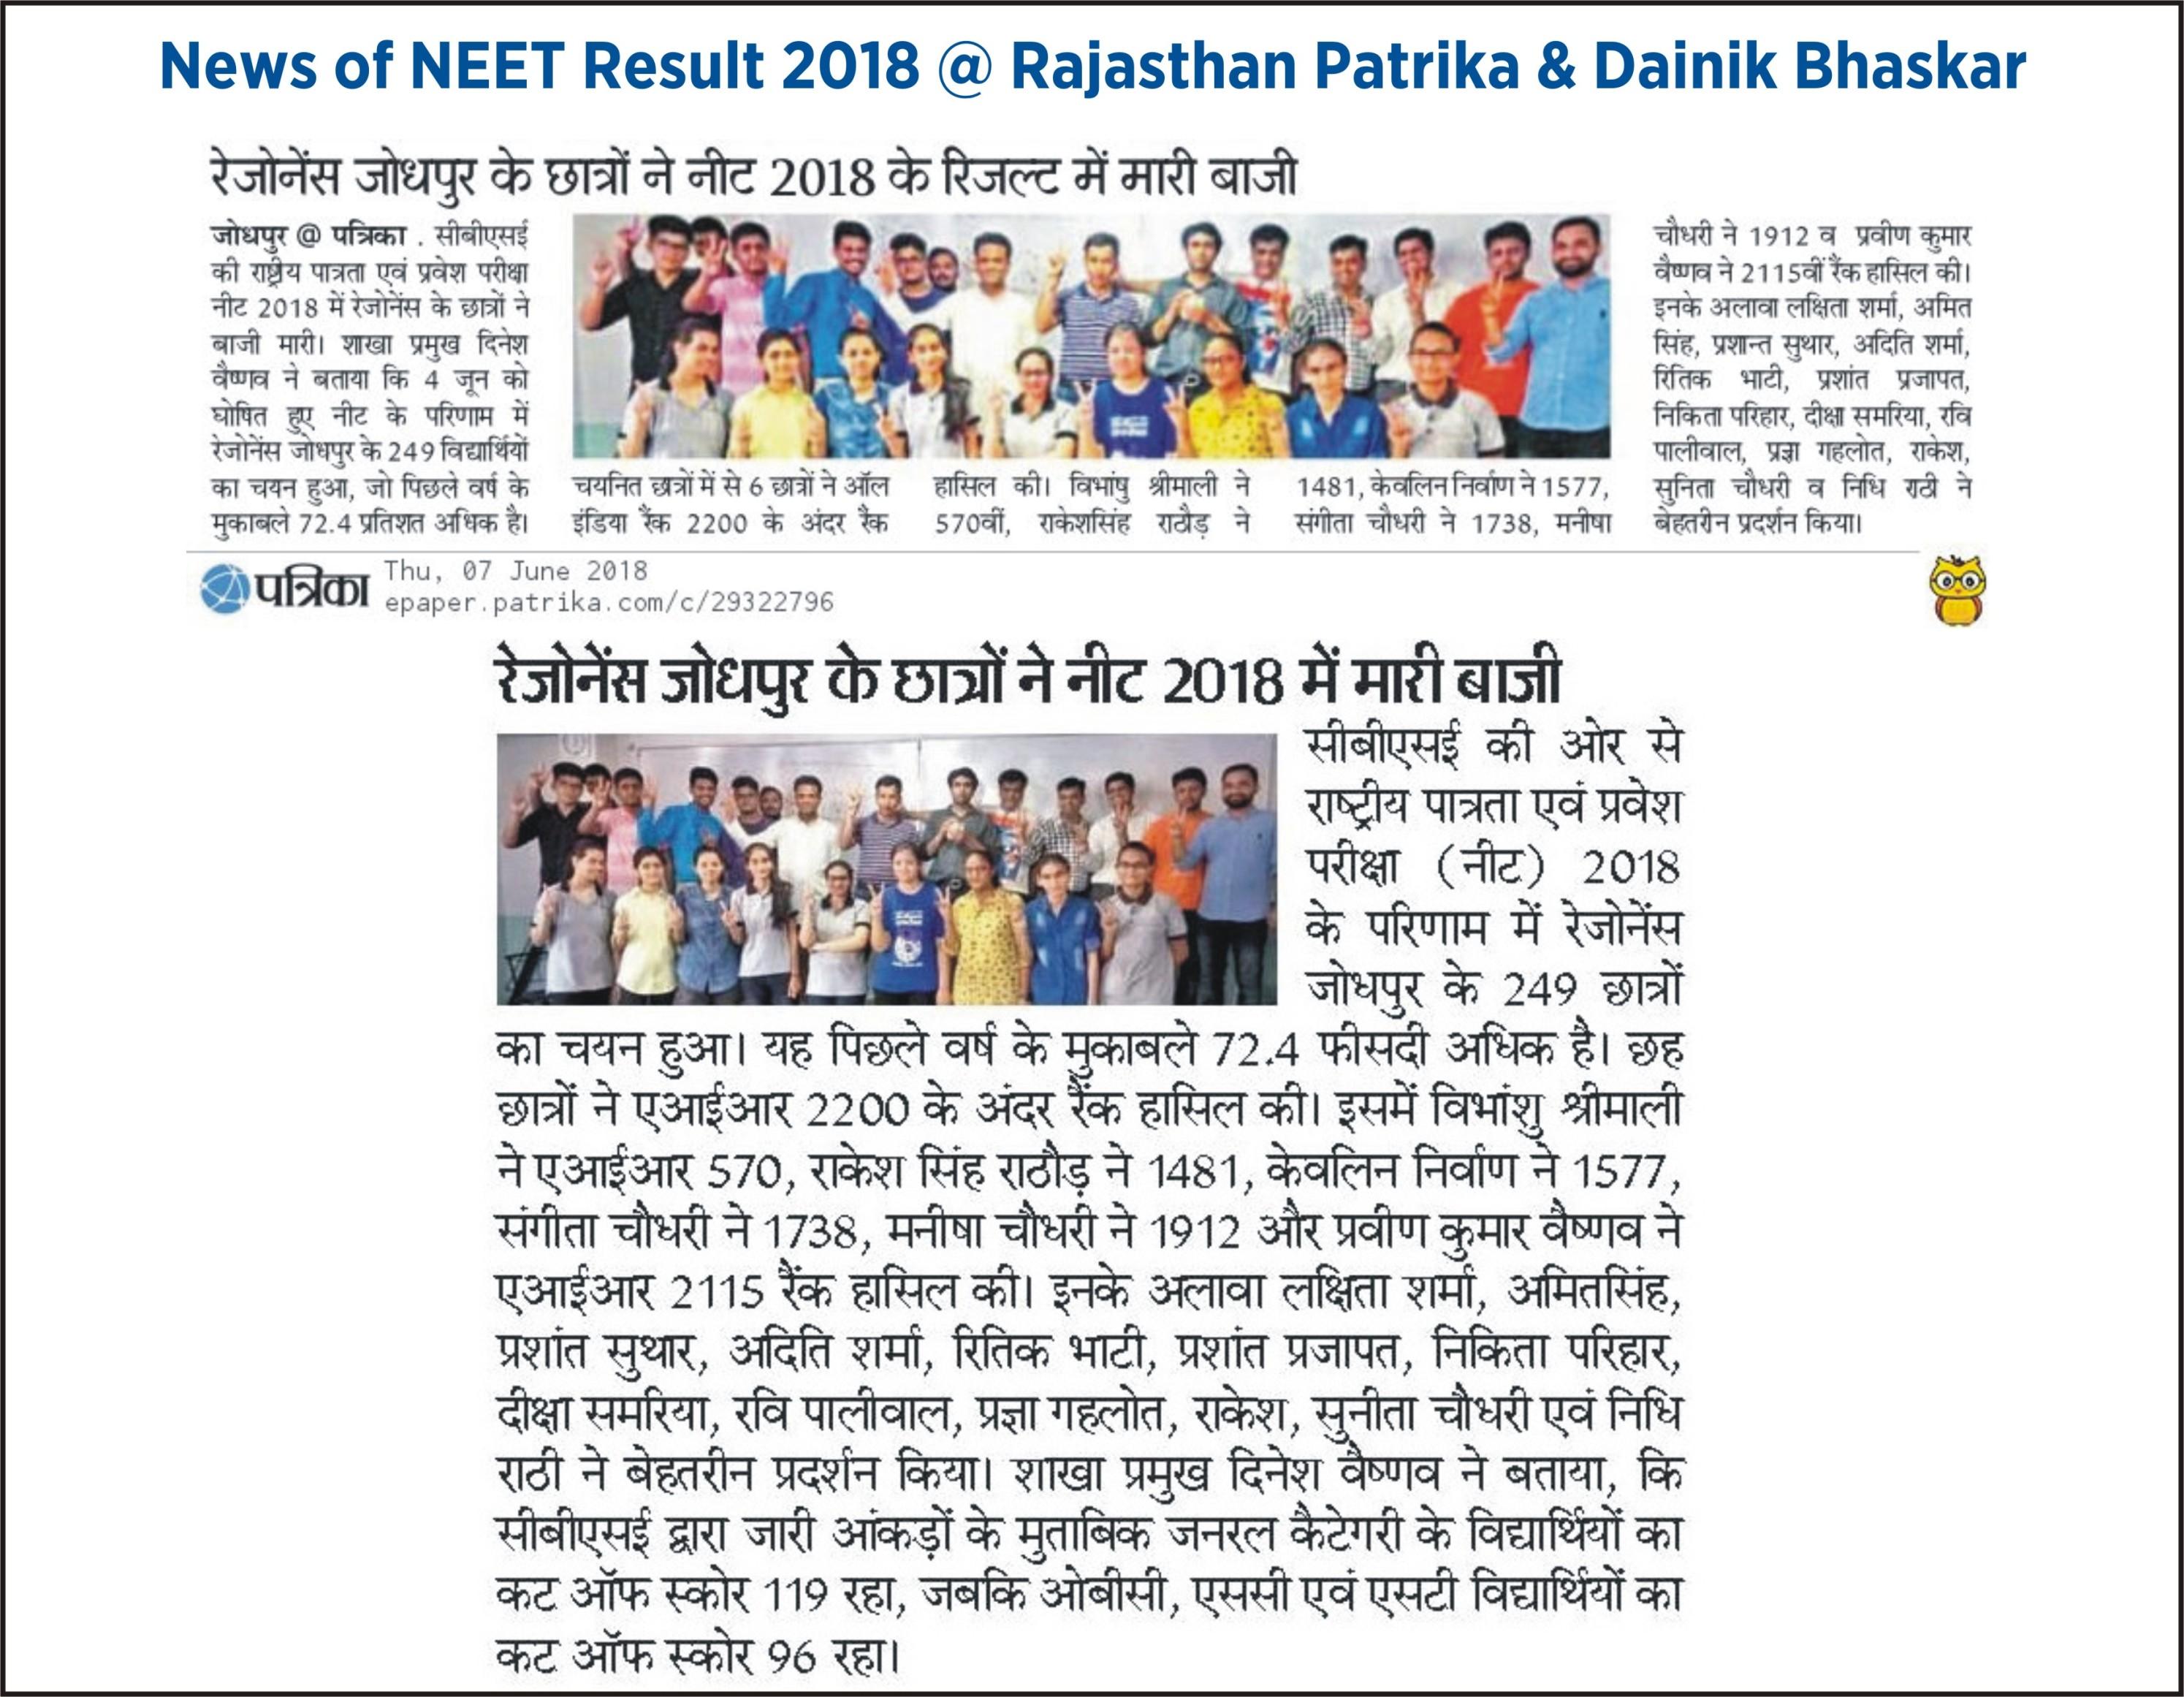 News of NEET Result 2018